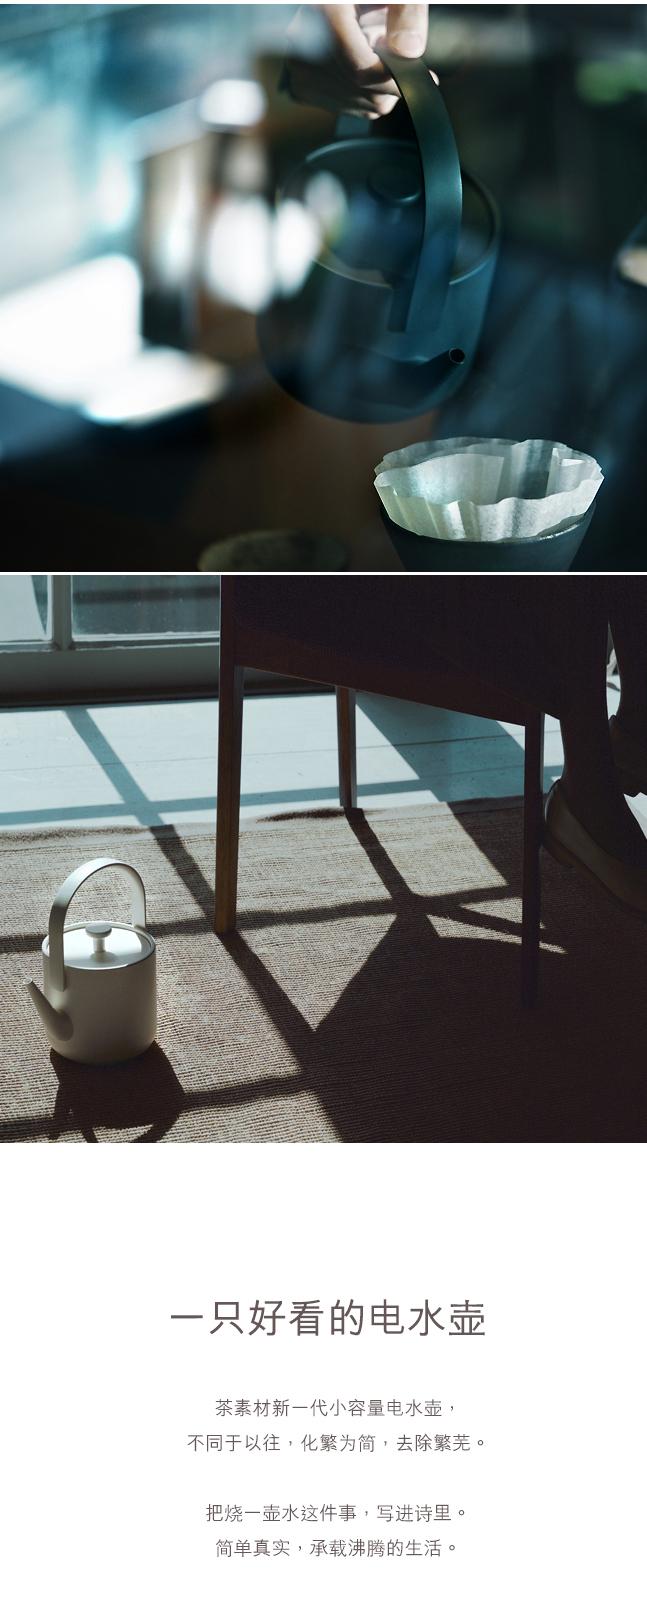 一支好看的電水壺